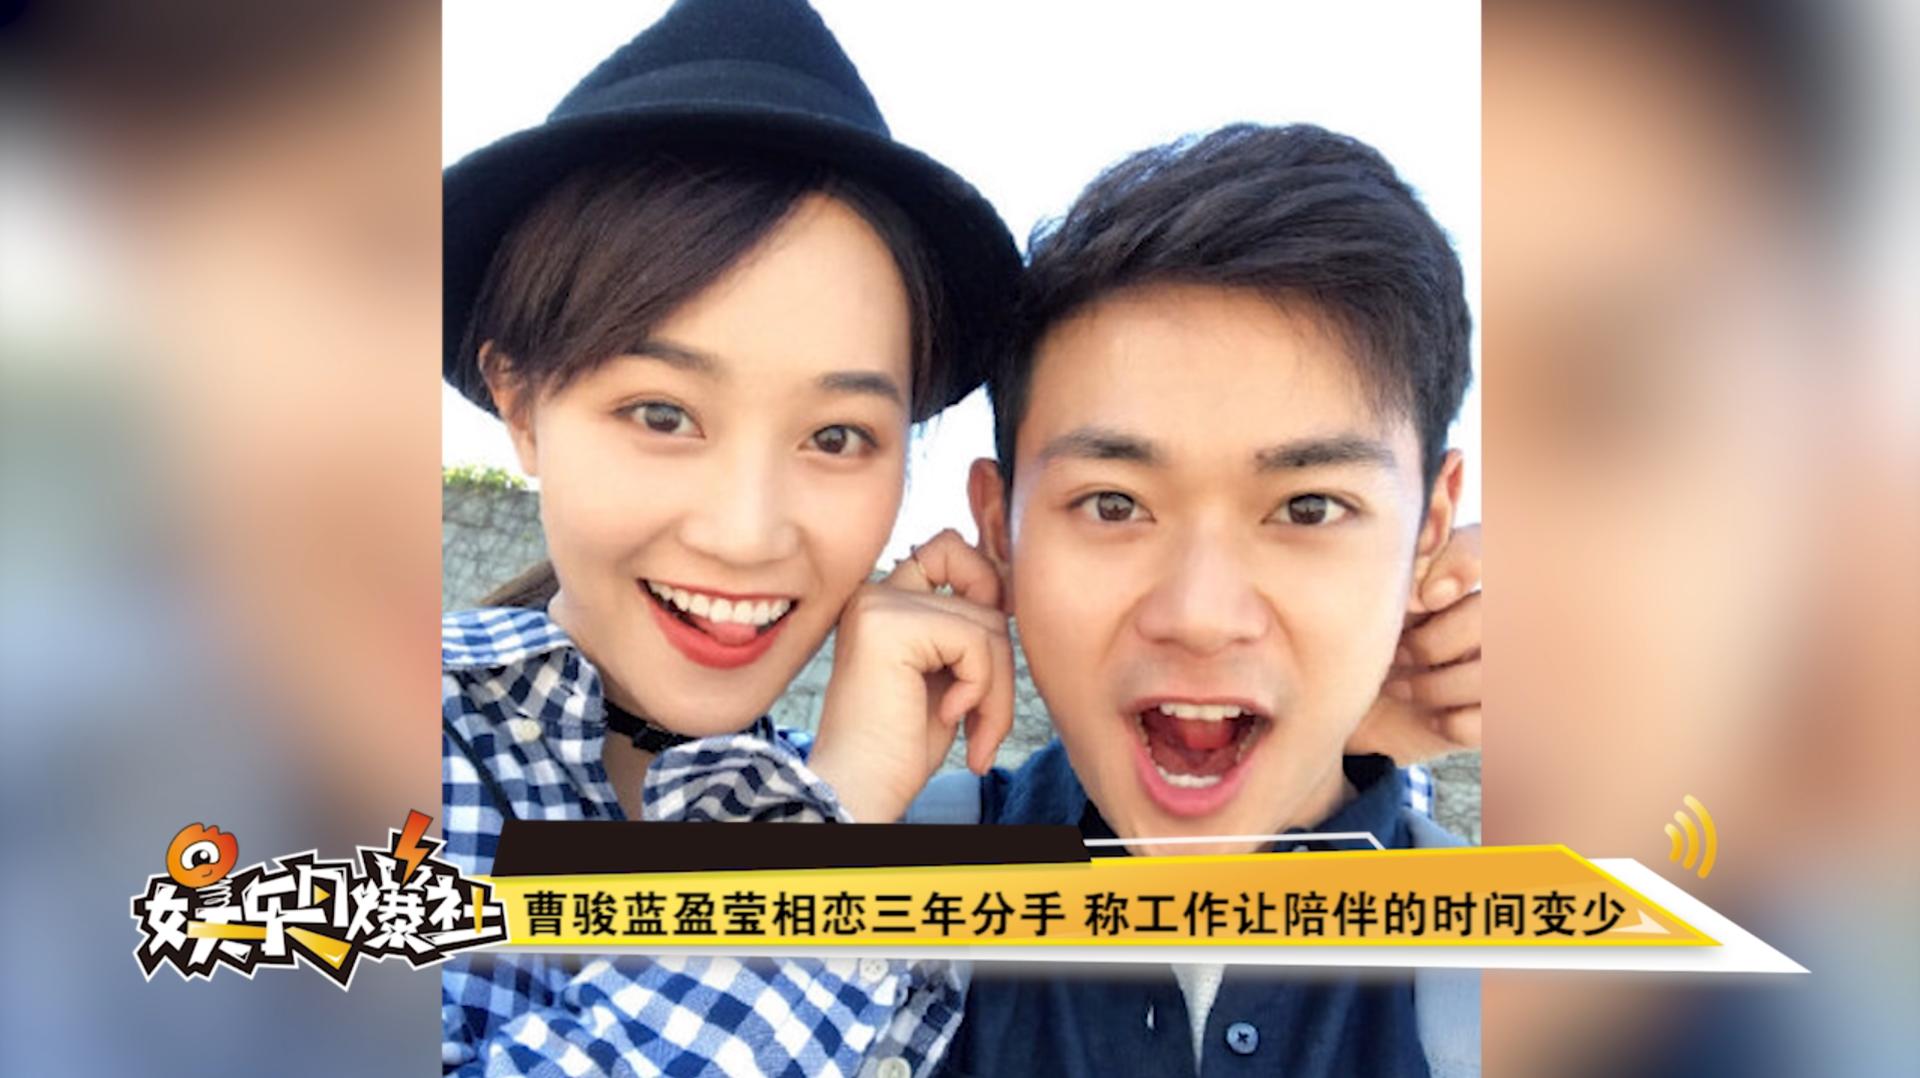 曹駿藍盈瑩相戀三年分手 稱工作讓陪伴的時間變少